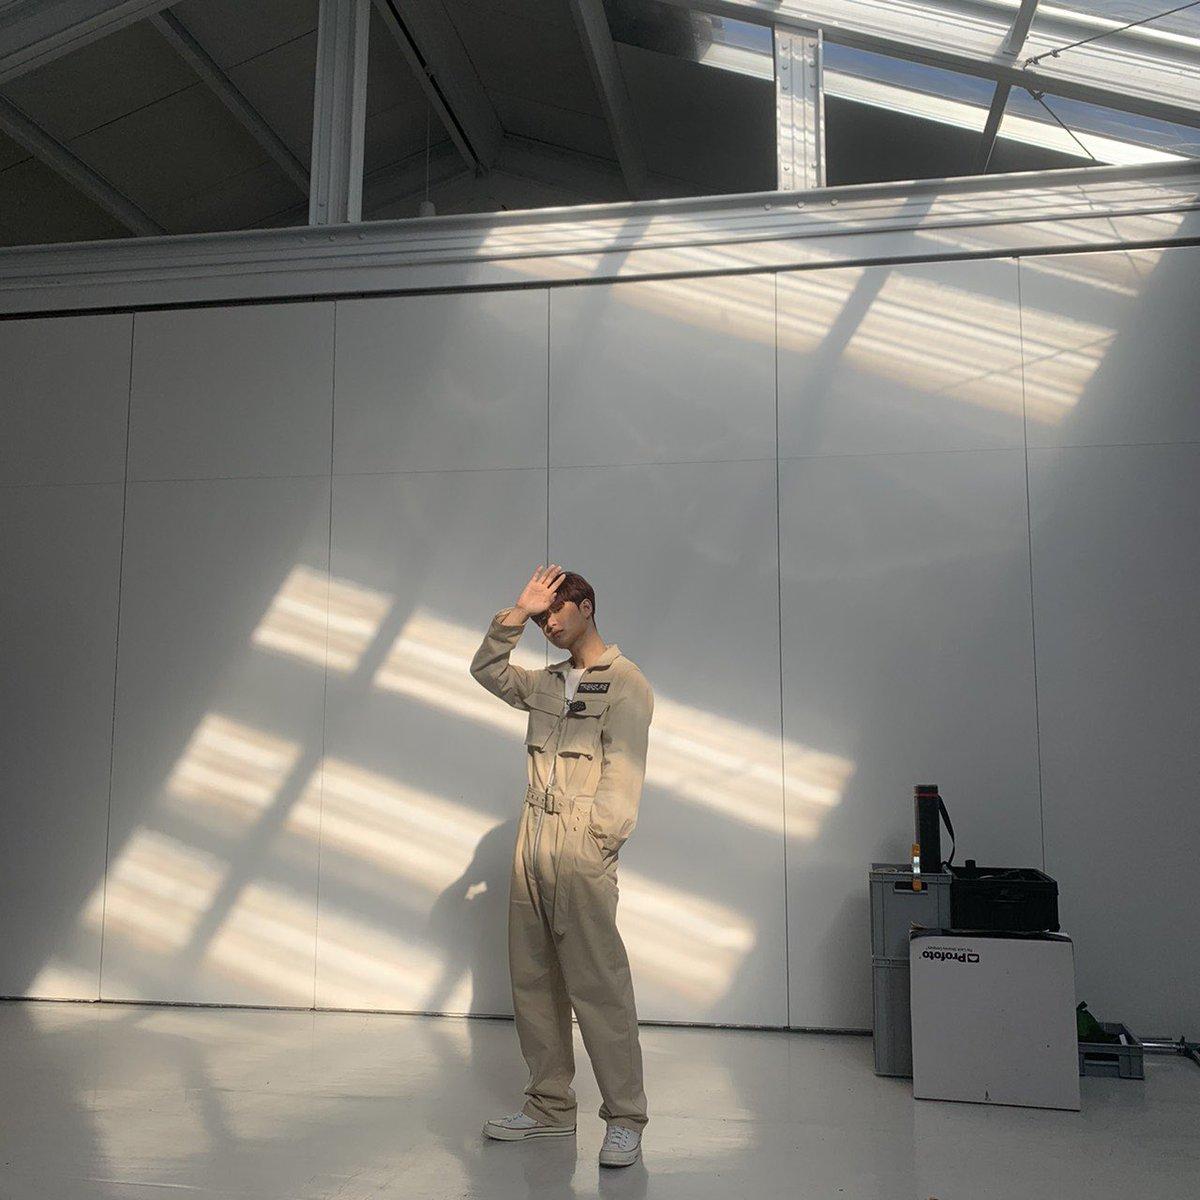 트레저 메이커 여러분들 하이 !👋🏻 요즘 많이 더우시죠 ?  그래서 제가 햇빛을 피하는 포즈의 사진을 올리려구요😃✌🏻 그리고 트레저 메이커분들께 드릴 좋은 사진 찍어준🦁고마오🤜🏻🤛🏻 #JIHOON #지훈